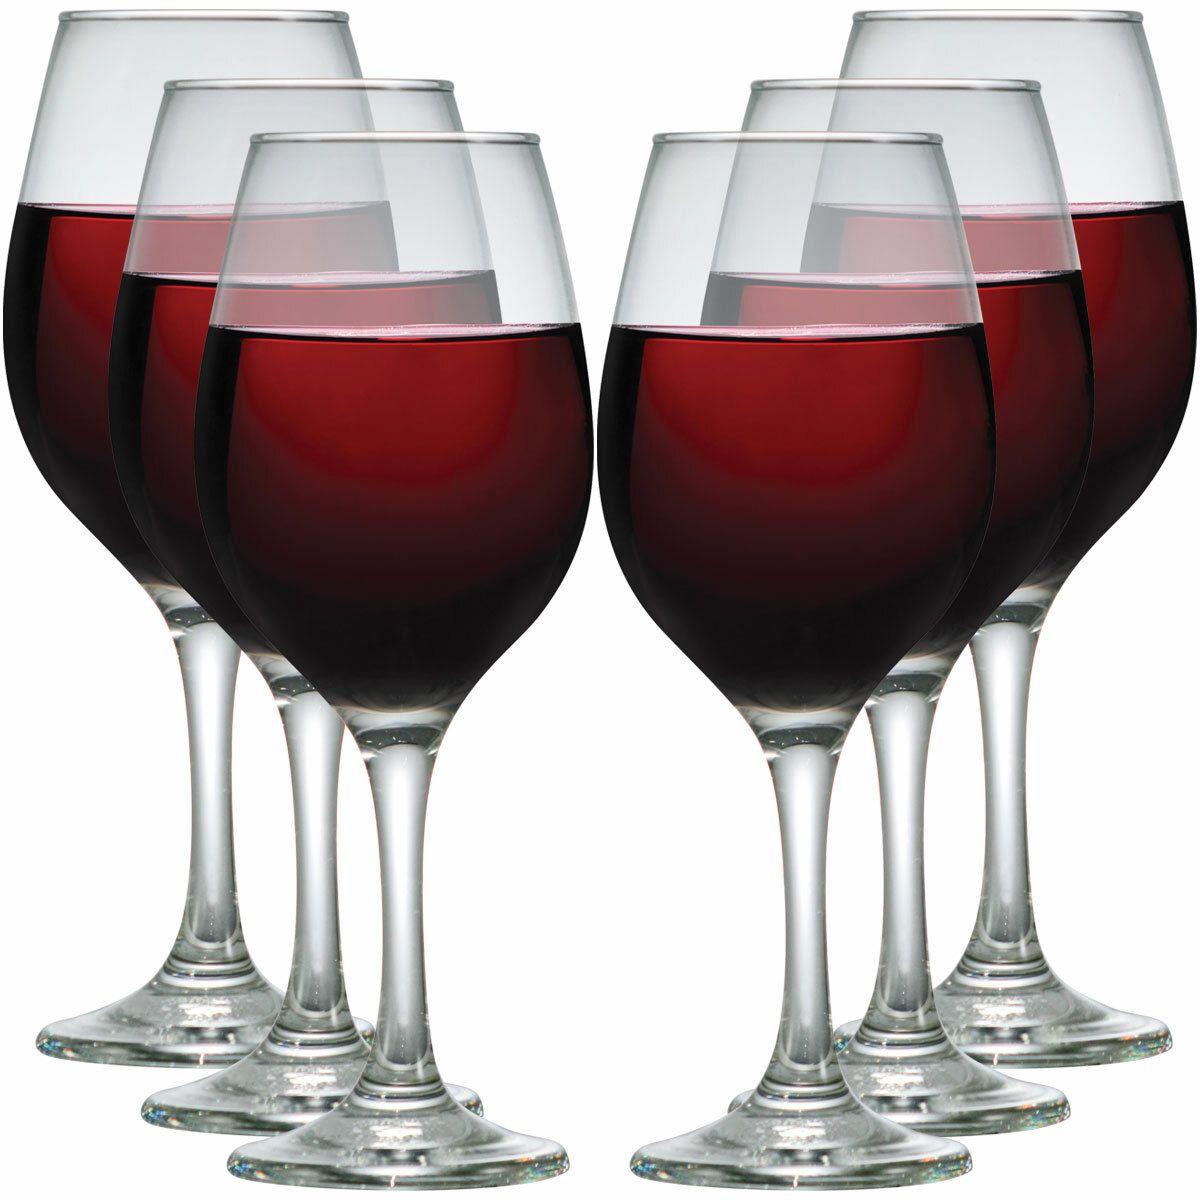 Jogo de Taças de Água e Vinho One Vidro 385ml 6 Pcs